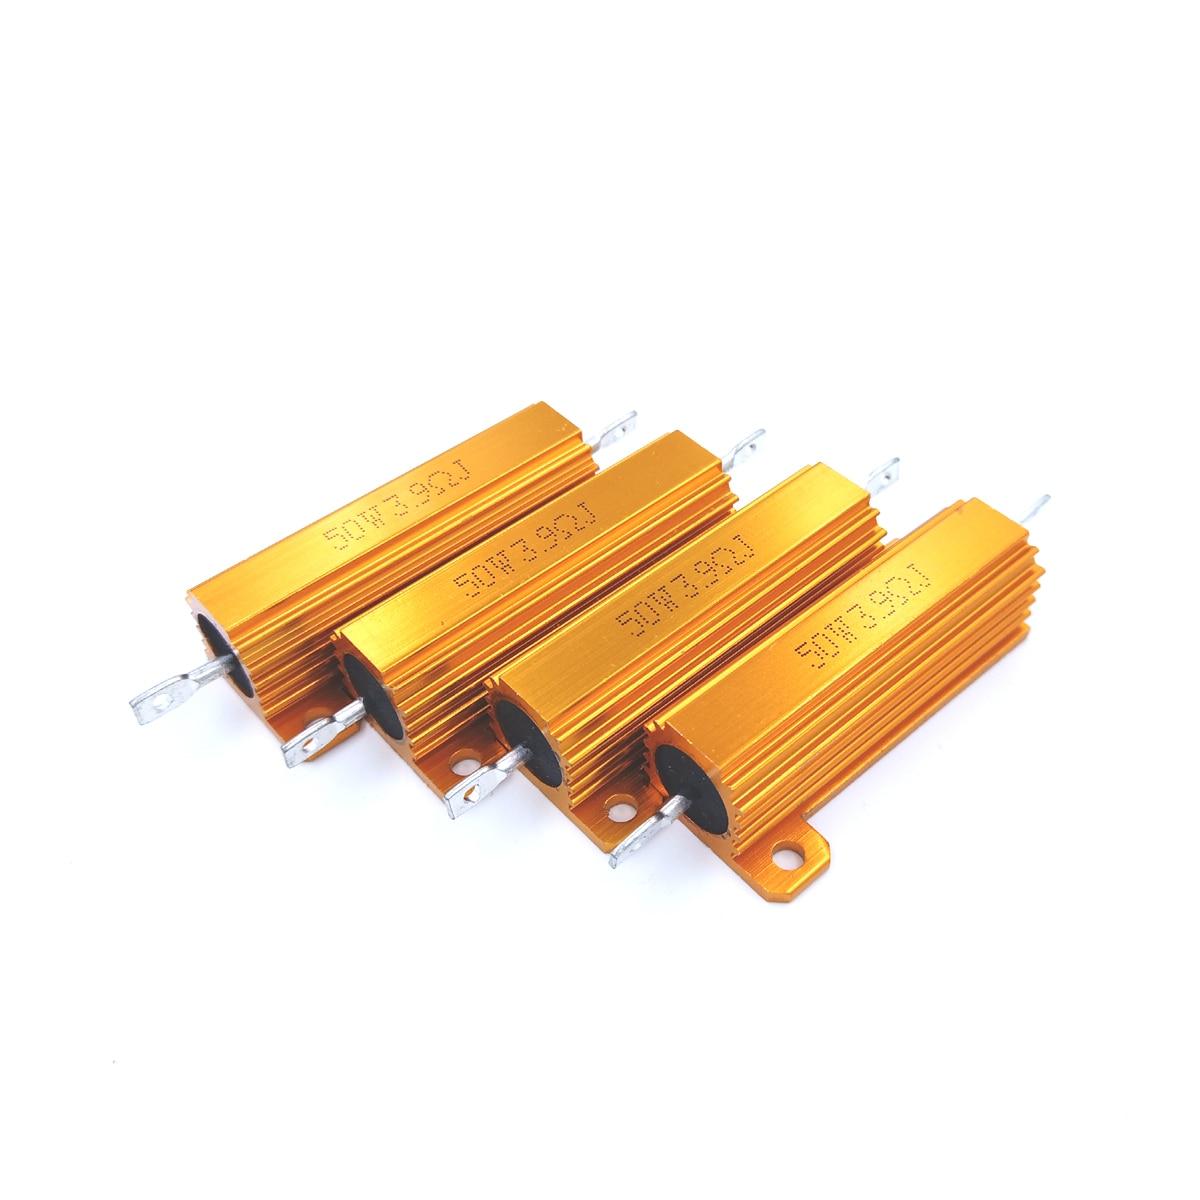 5 шт. 20R 20ohm 20 200R 200ohm 200 R Ohm 50W алюминиевый мощный металлический корпус чехол с проволочным резистором сопротивление RX24